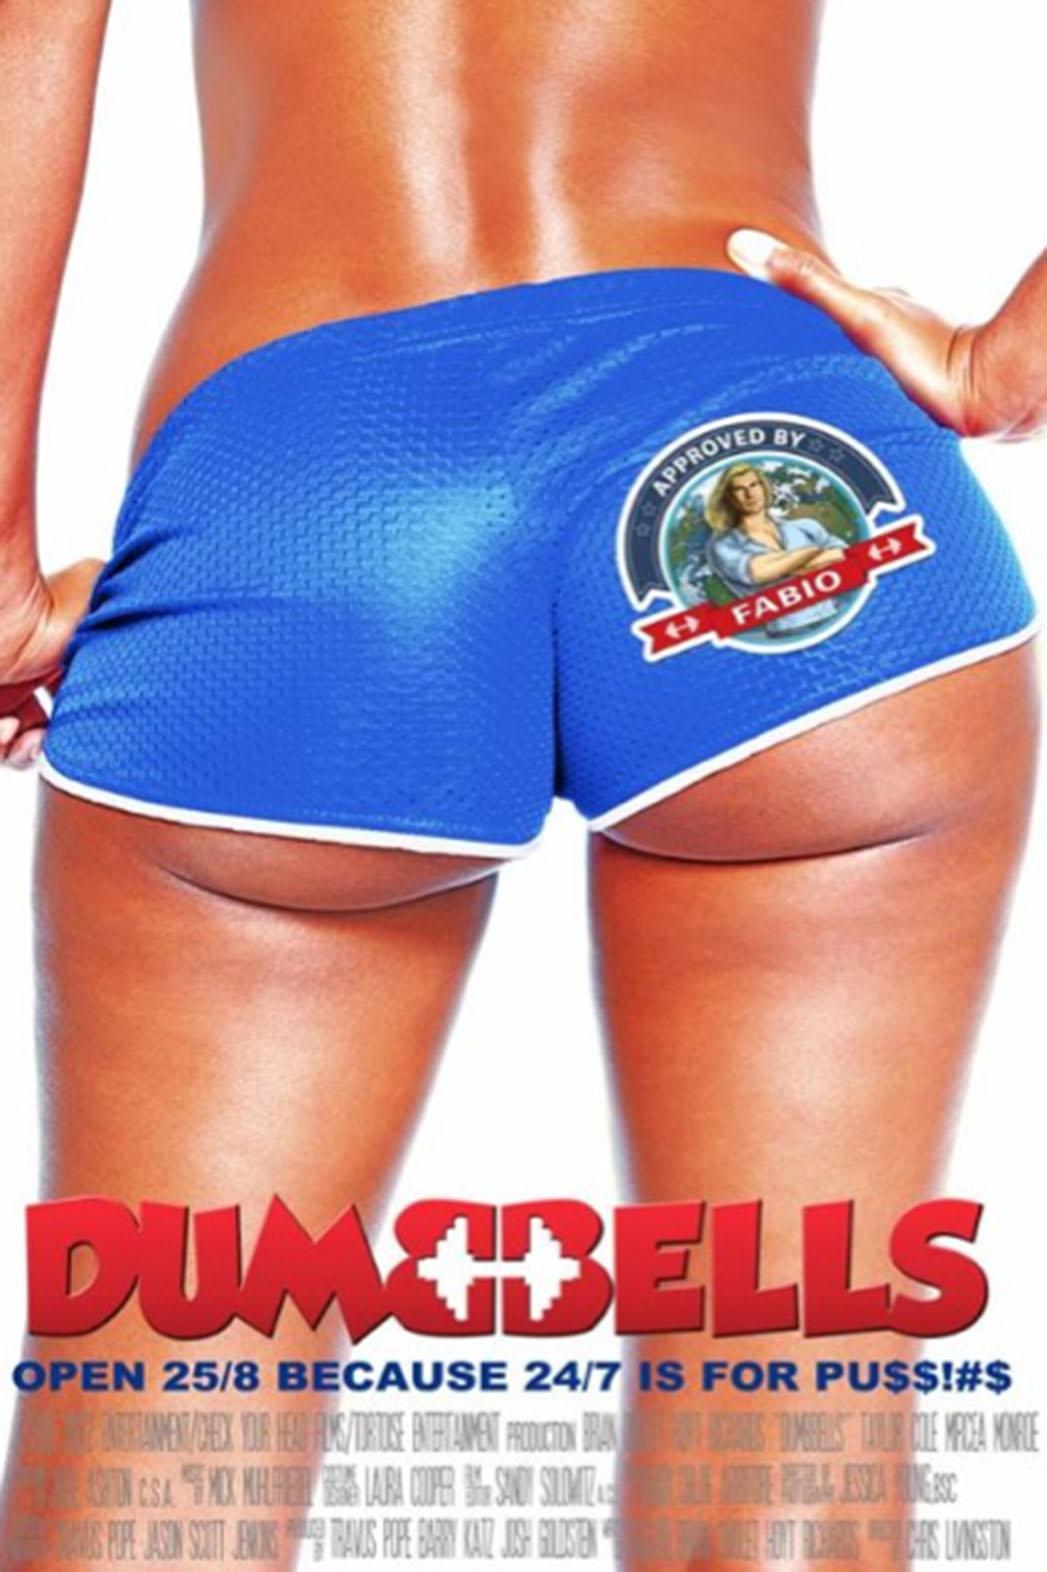 dumbbells_poster_a_p.jpg